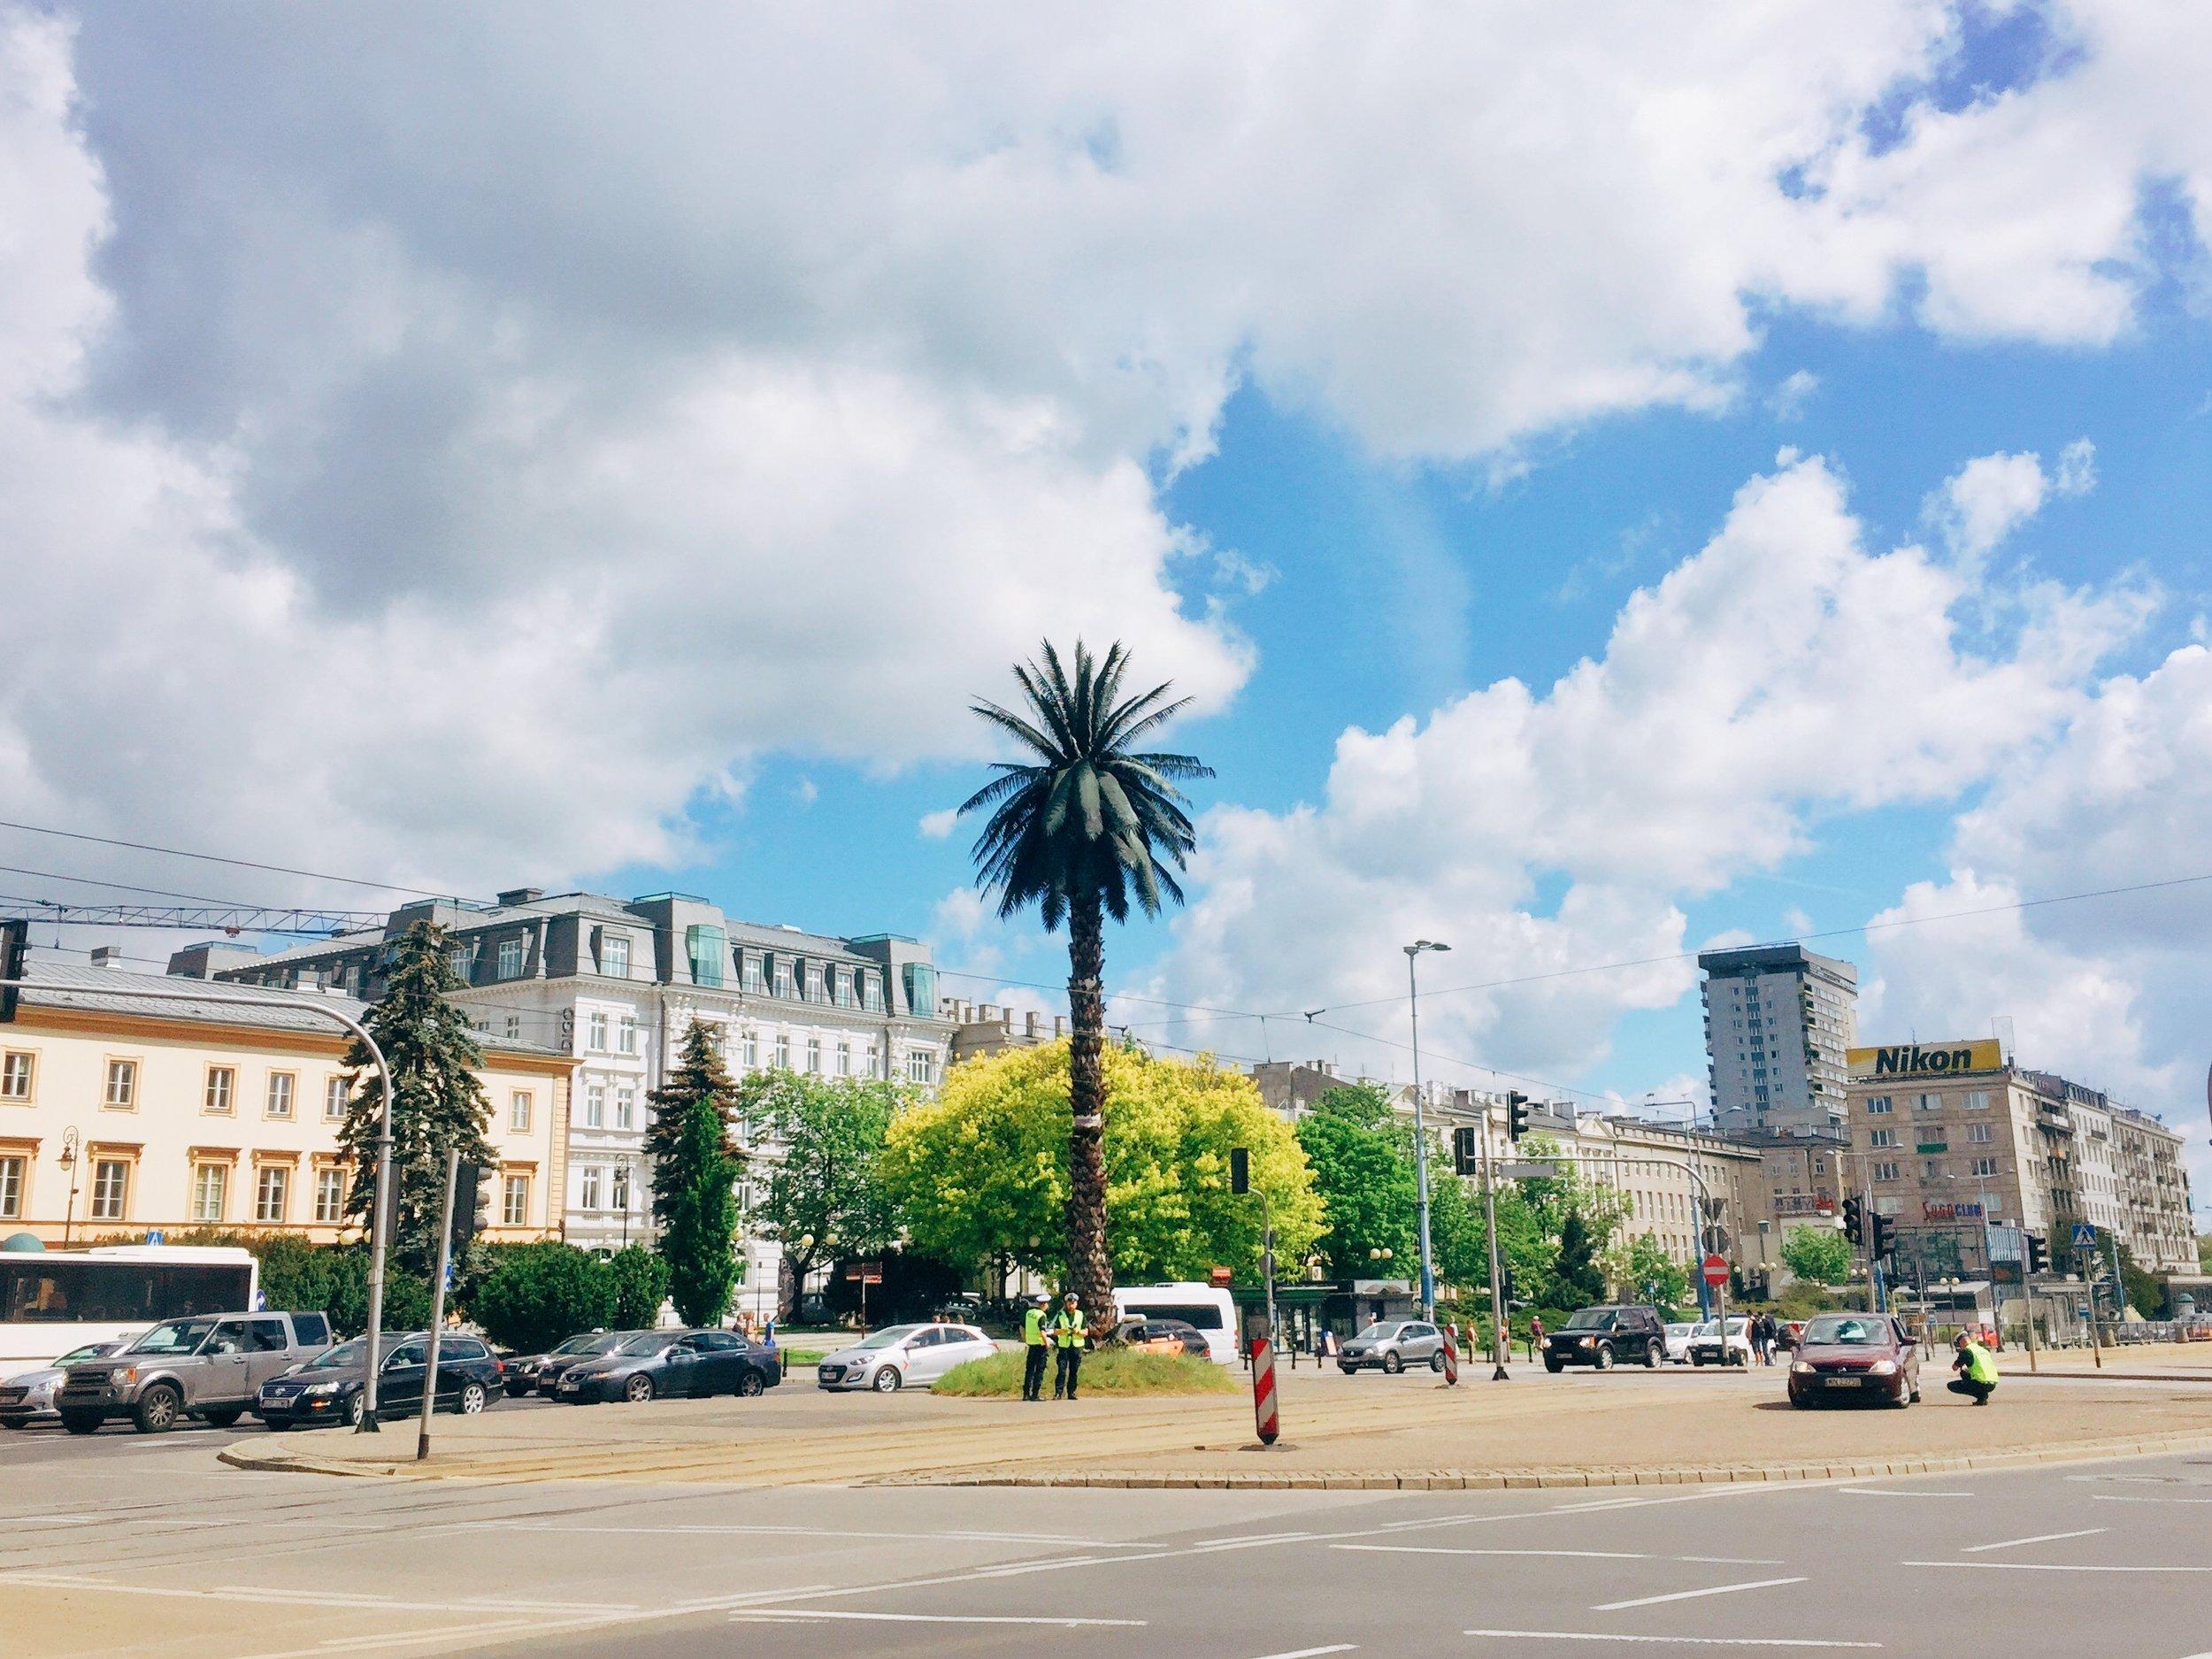 The infamous palm tree on Aleje Jerozolimskie.